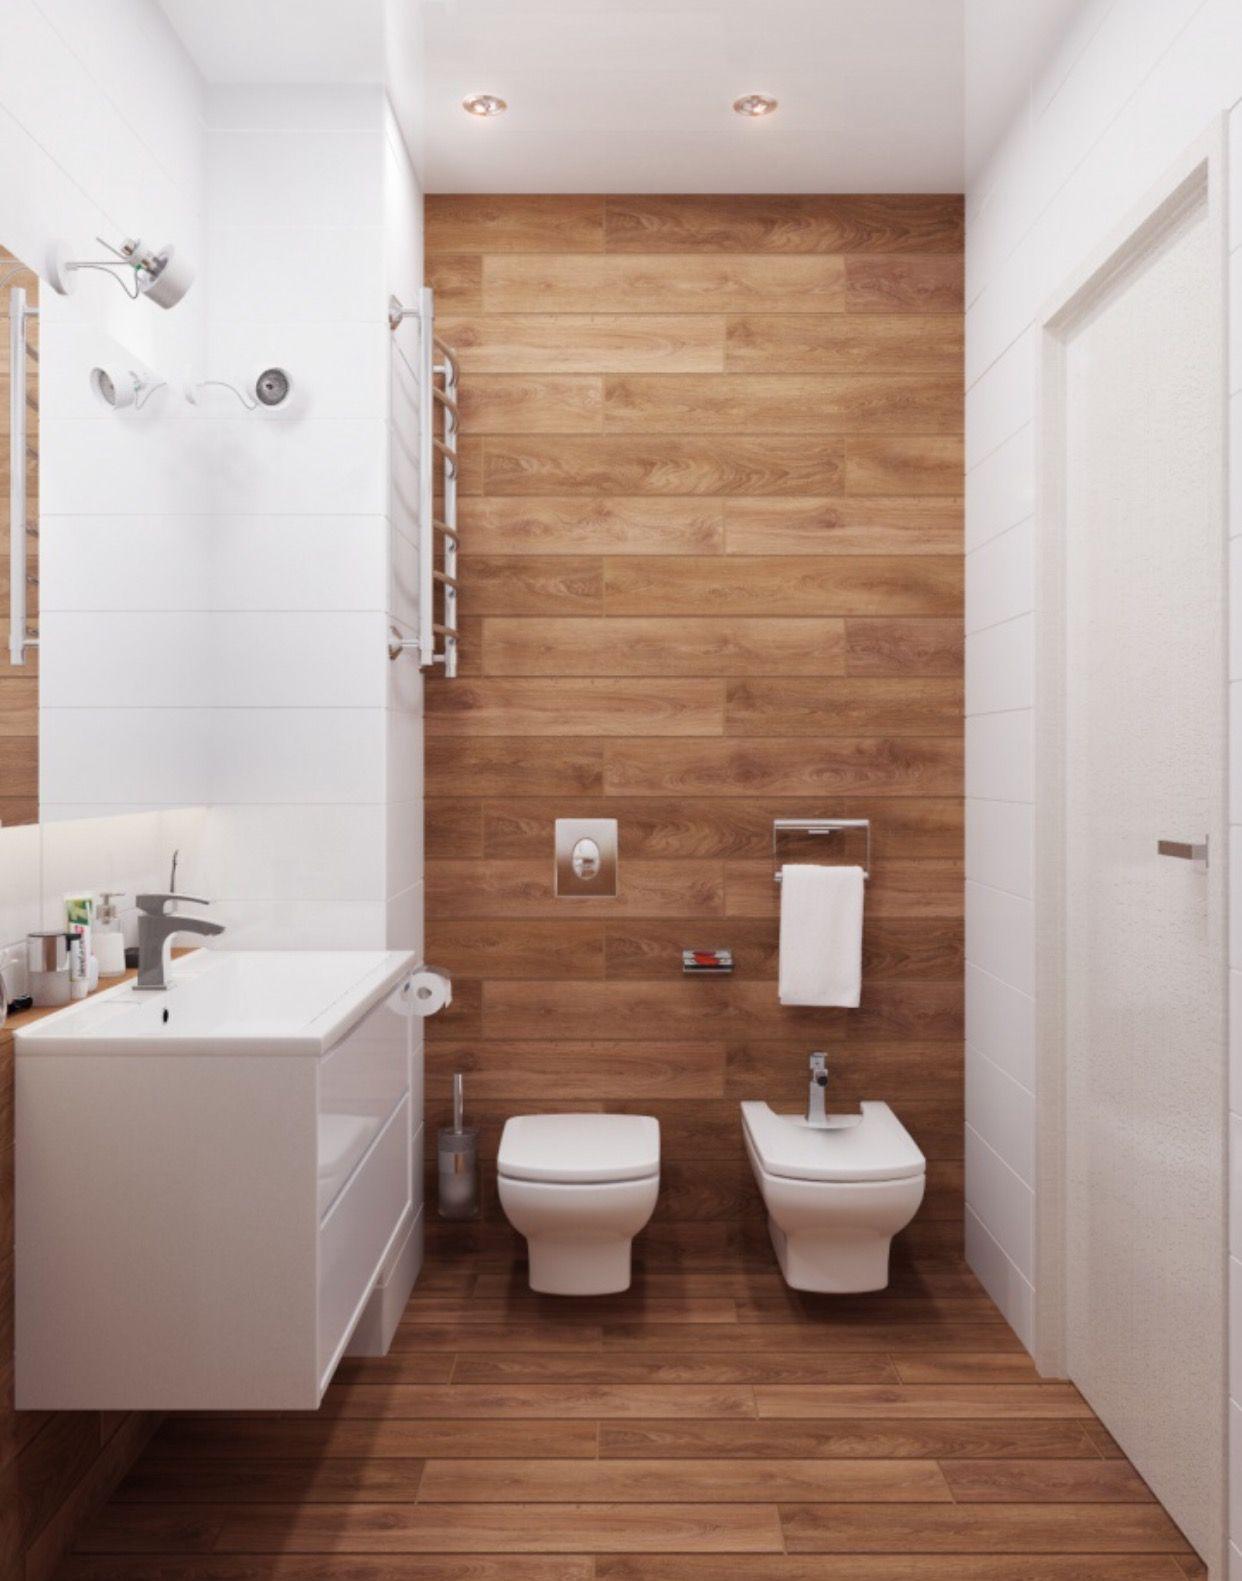 Gäste Wc, Haus Design, Badezimmer, Dekoration, Wohnen, Designer Badezimmer,  Badgestaltung, Badezimmerideen, Suche